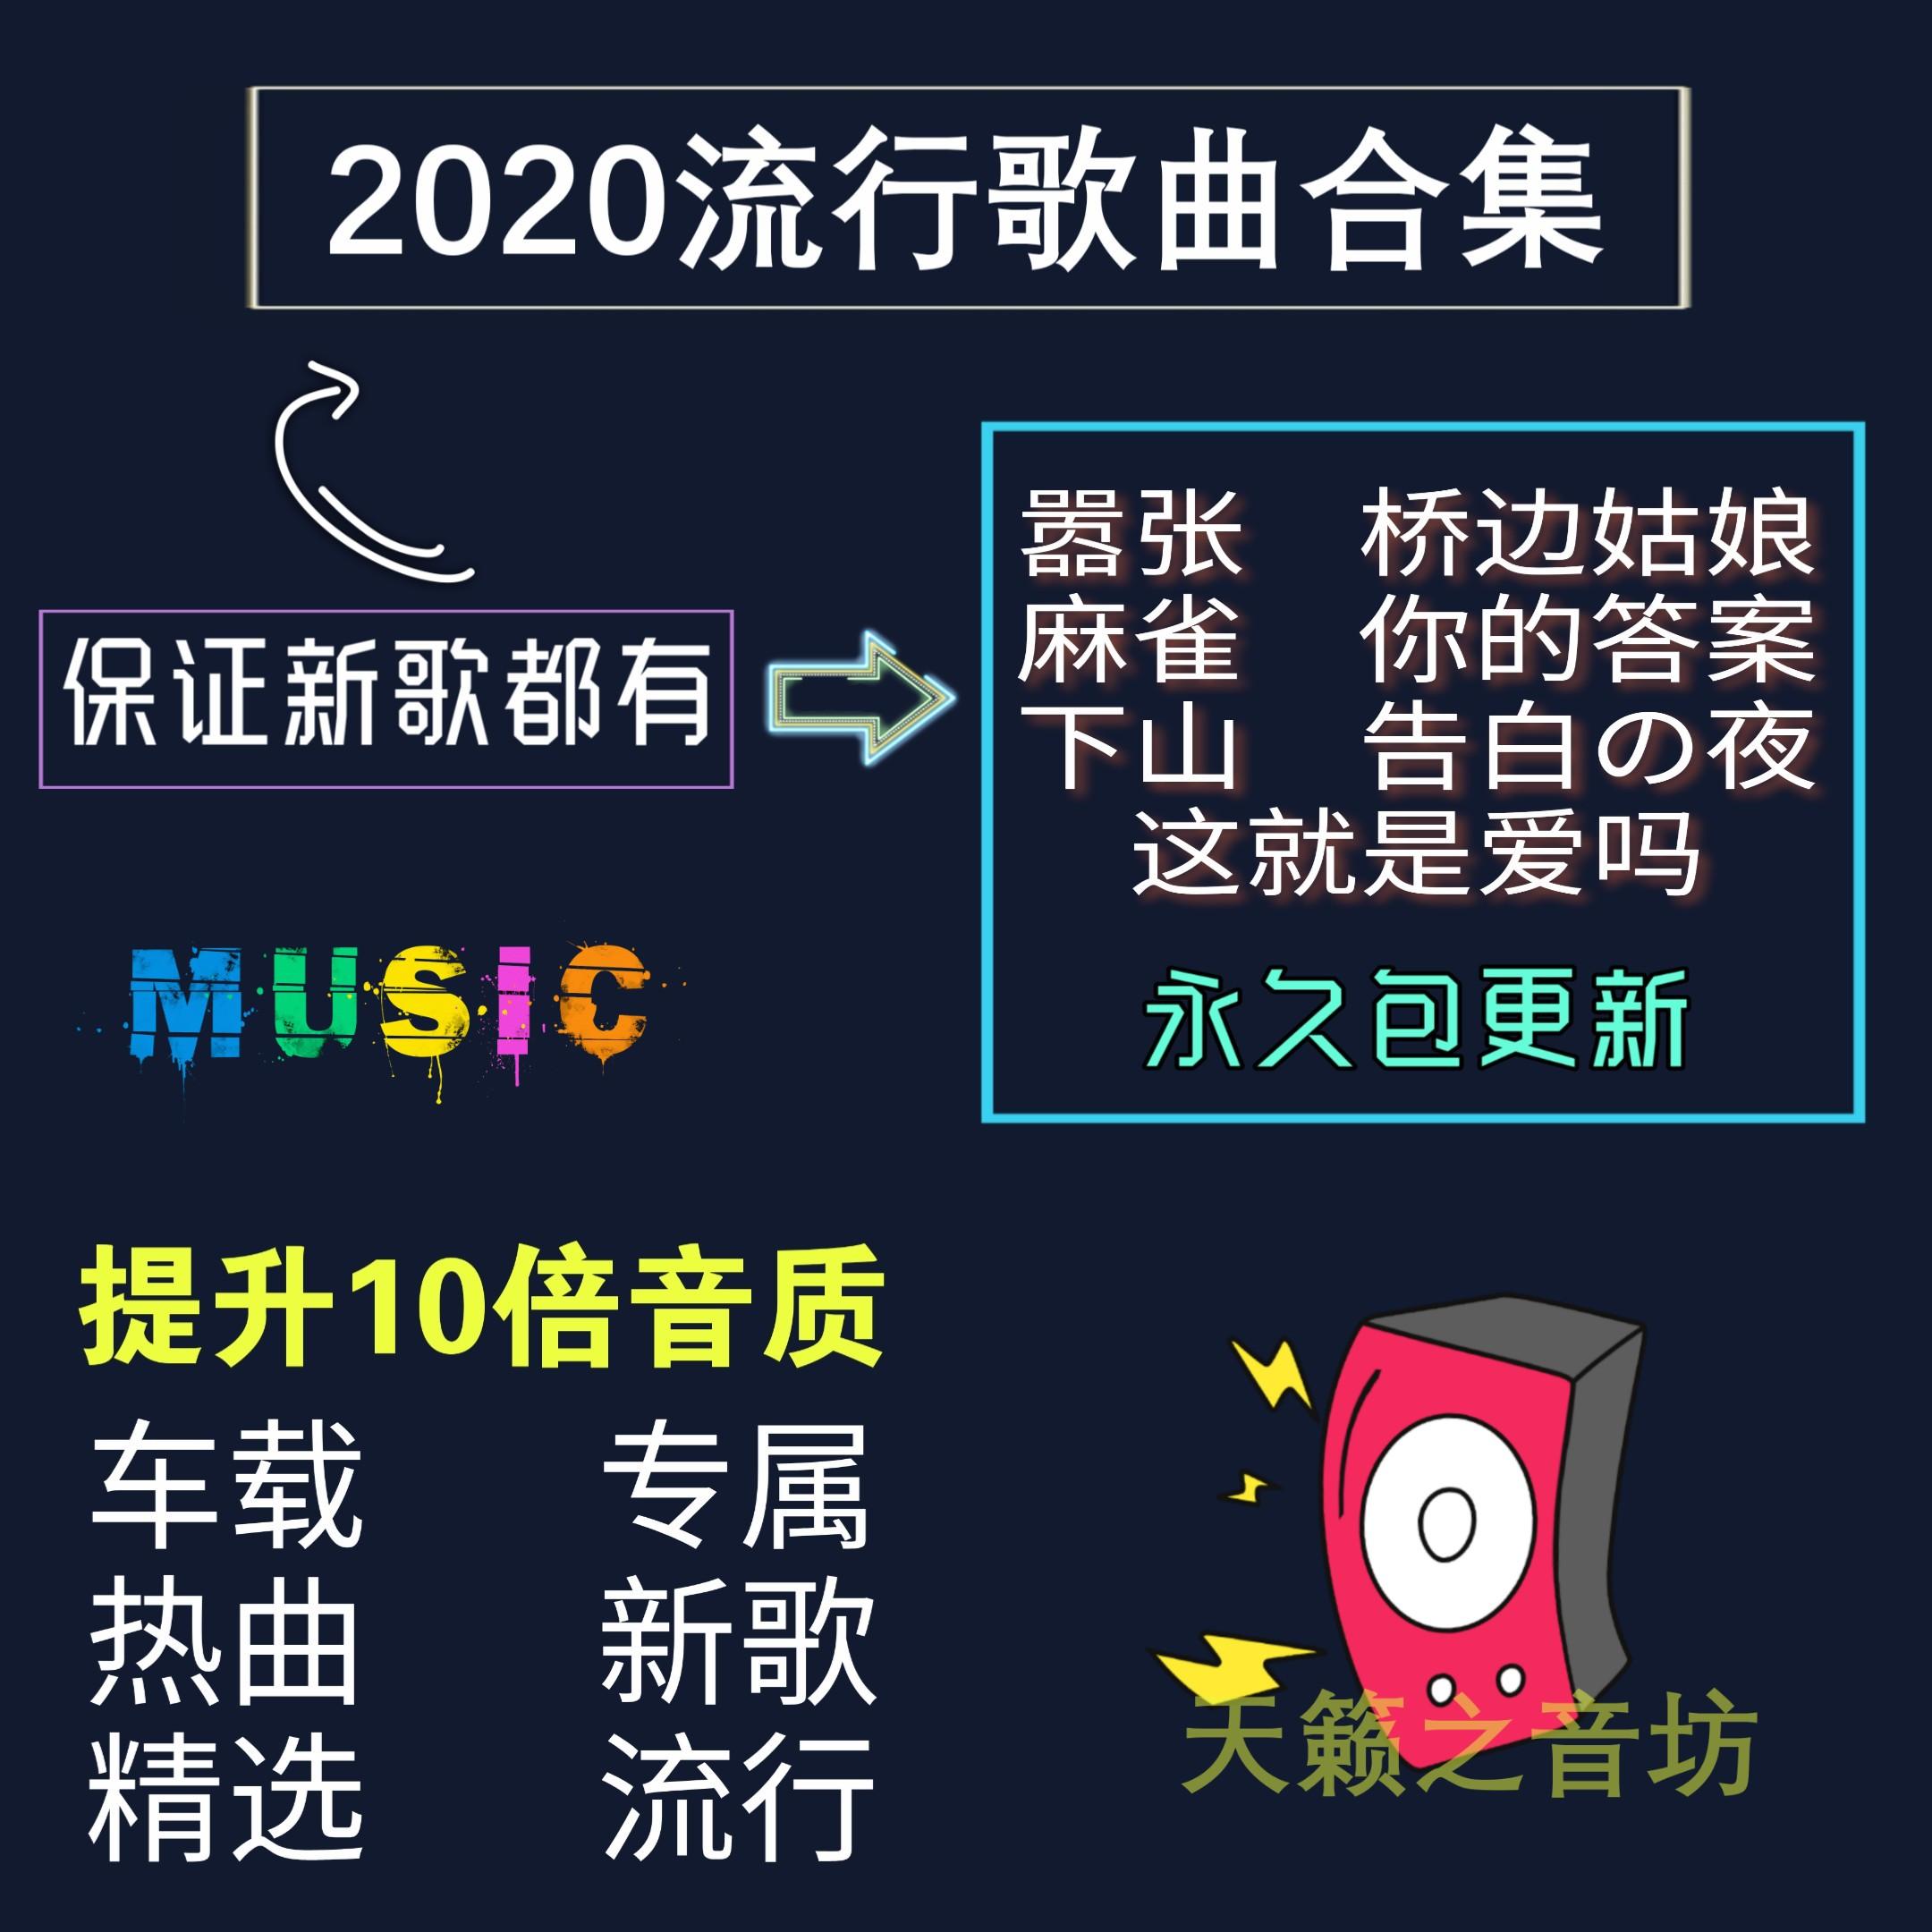 2020无损车载音源免费下栽经典流行MP3新歌曲视频打包音乐下载包